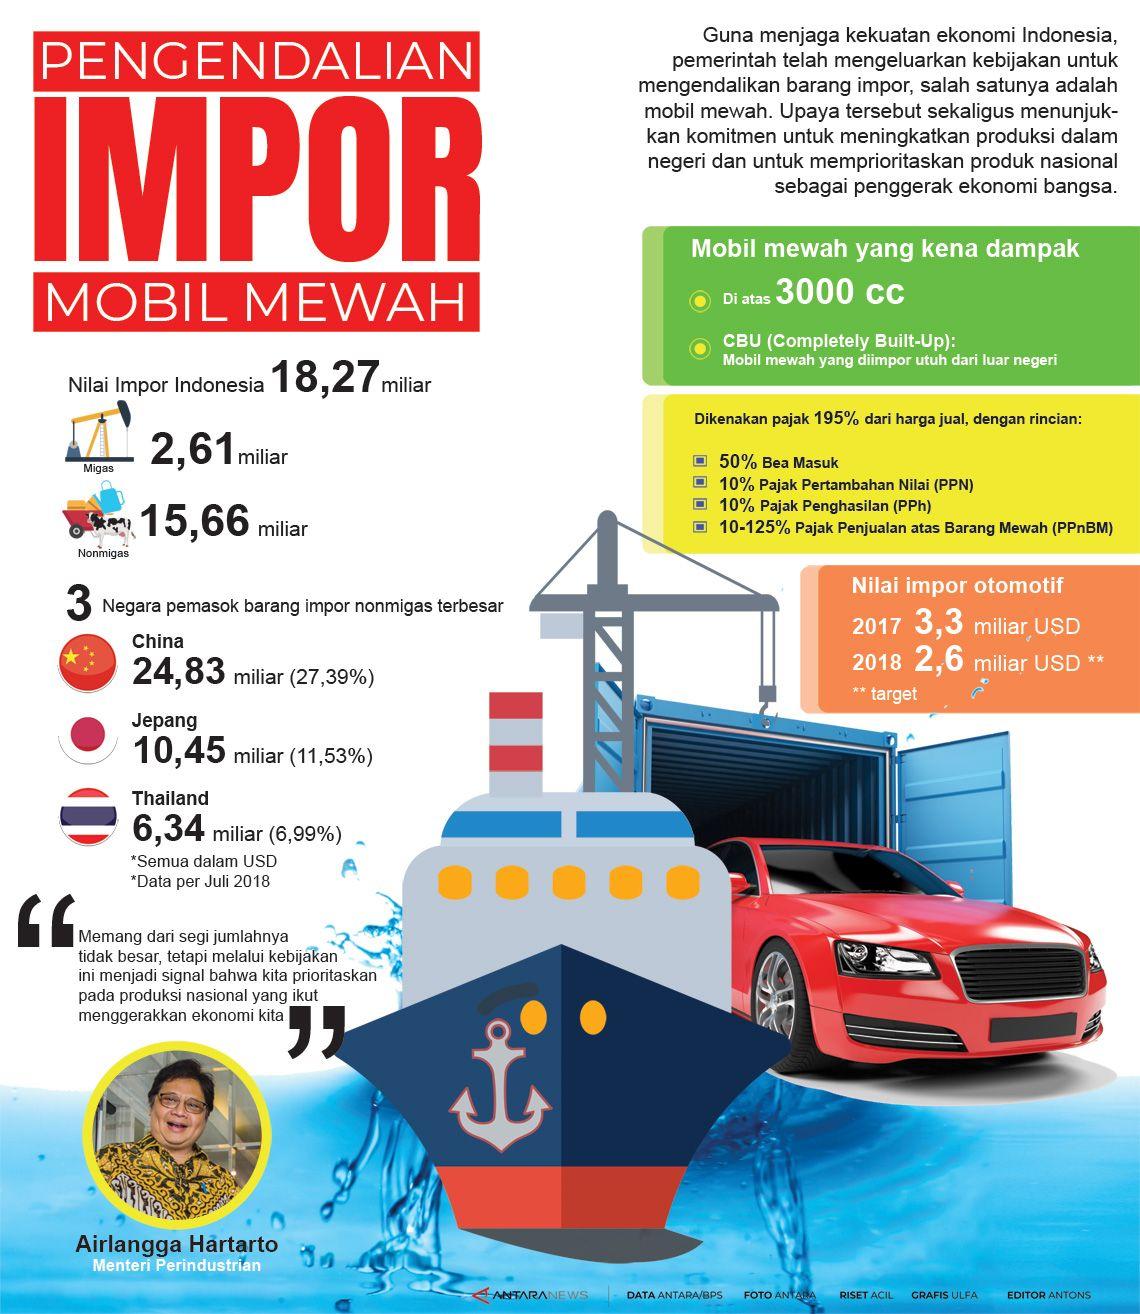 Pengendalian Impor Mobil Mewah